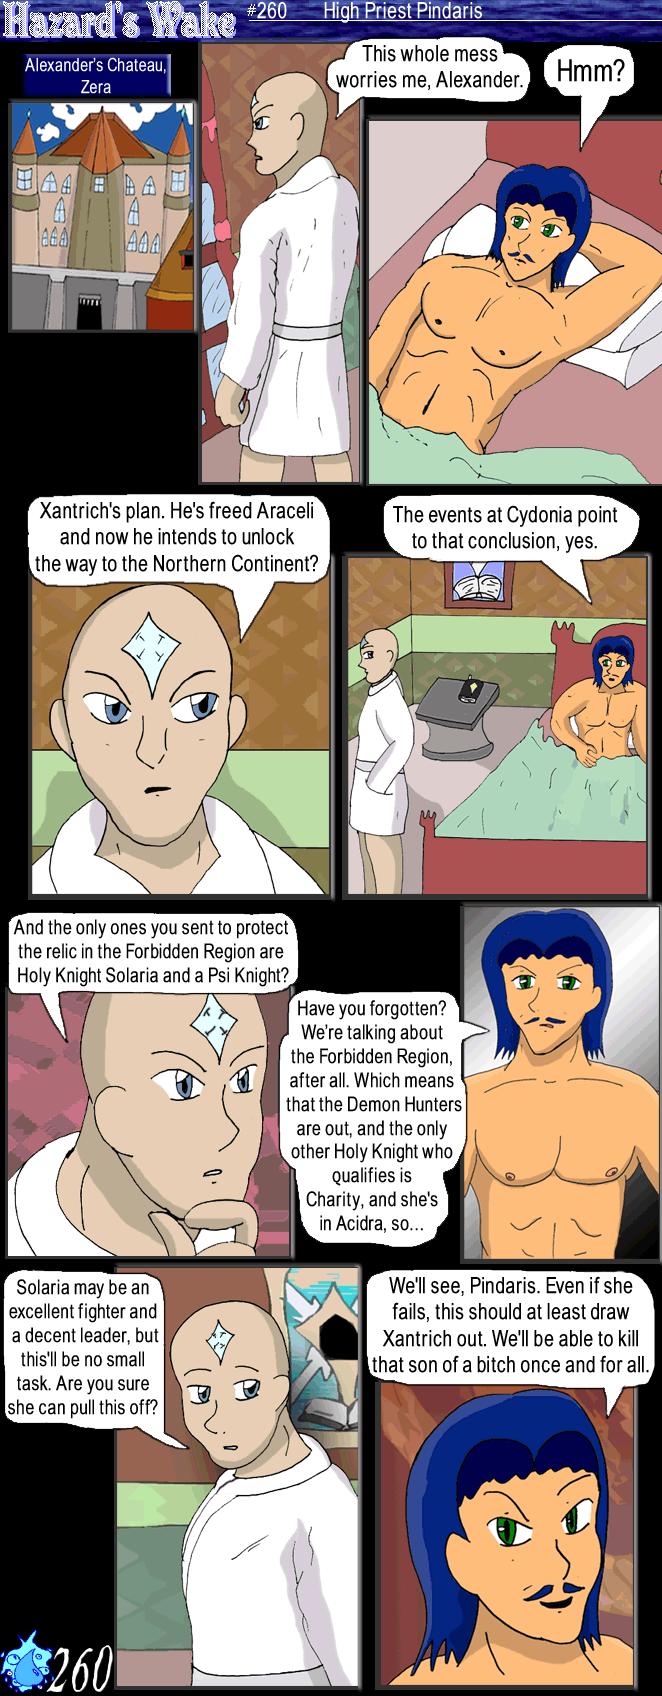 High Priest Pindaris